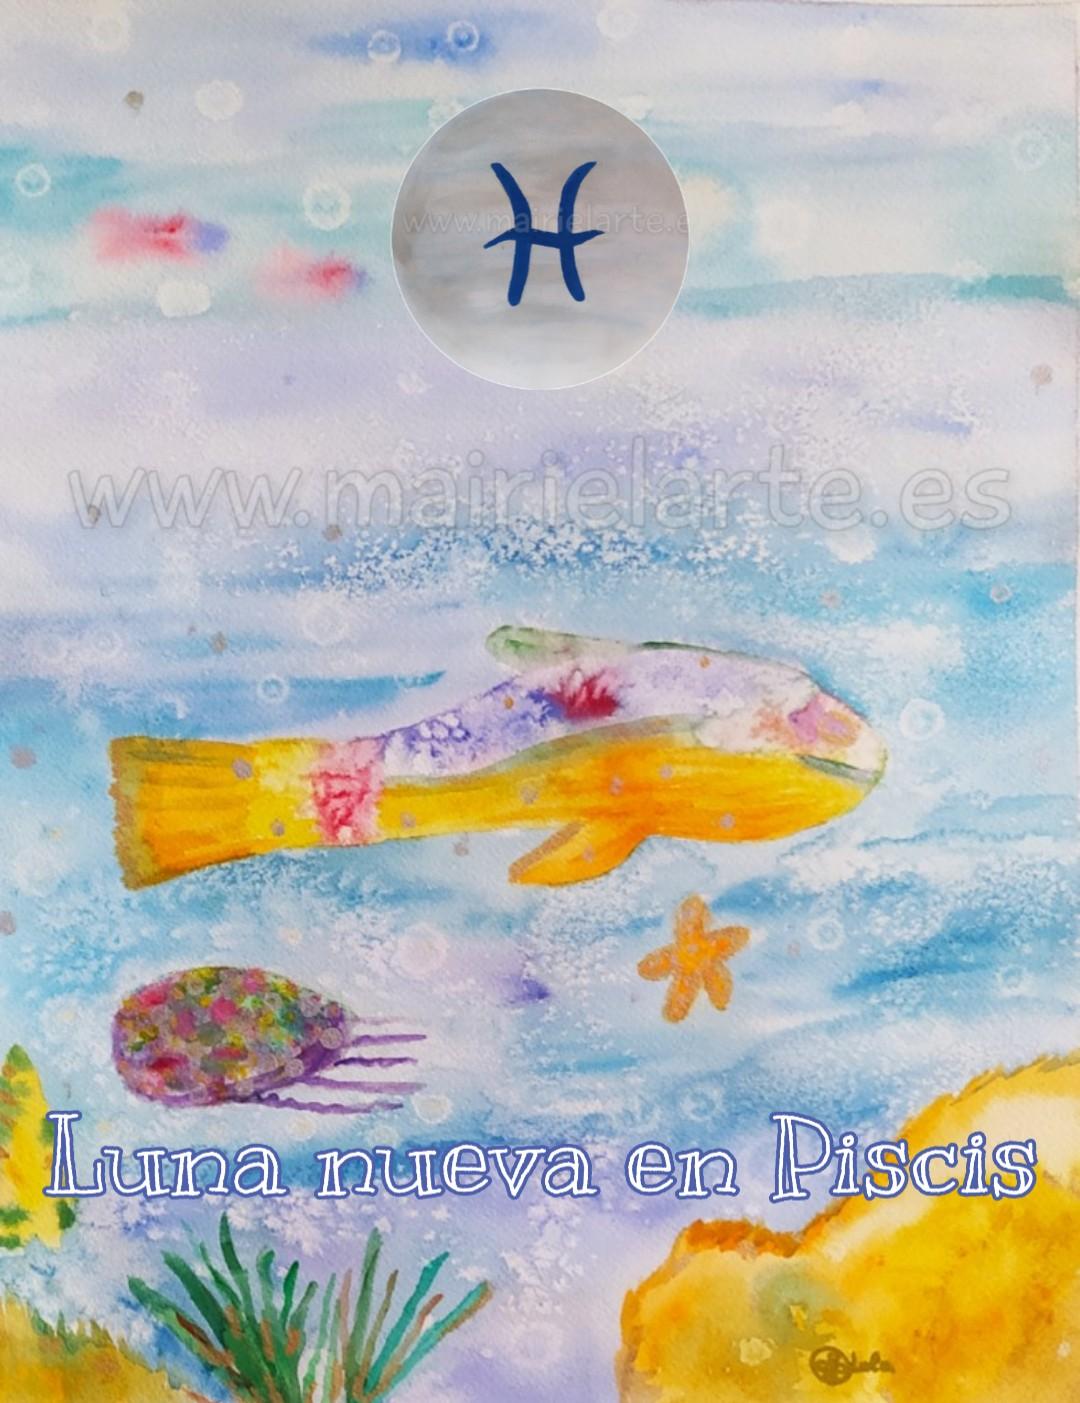 Luna Nueva en Piscis 13-03-2021